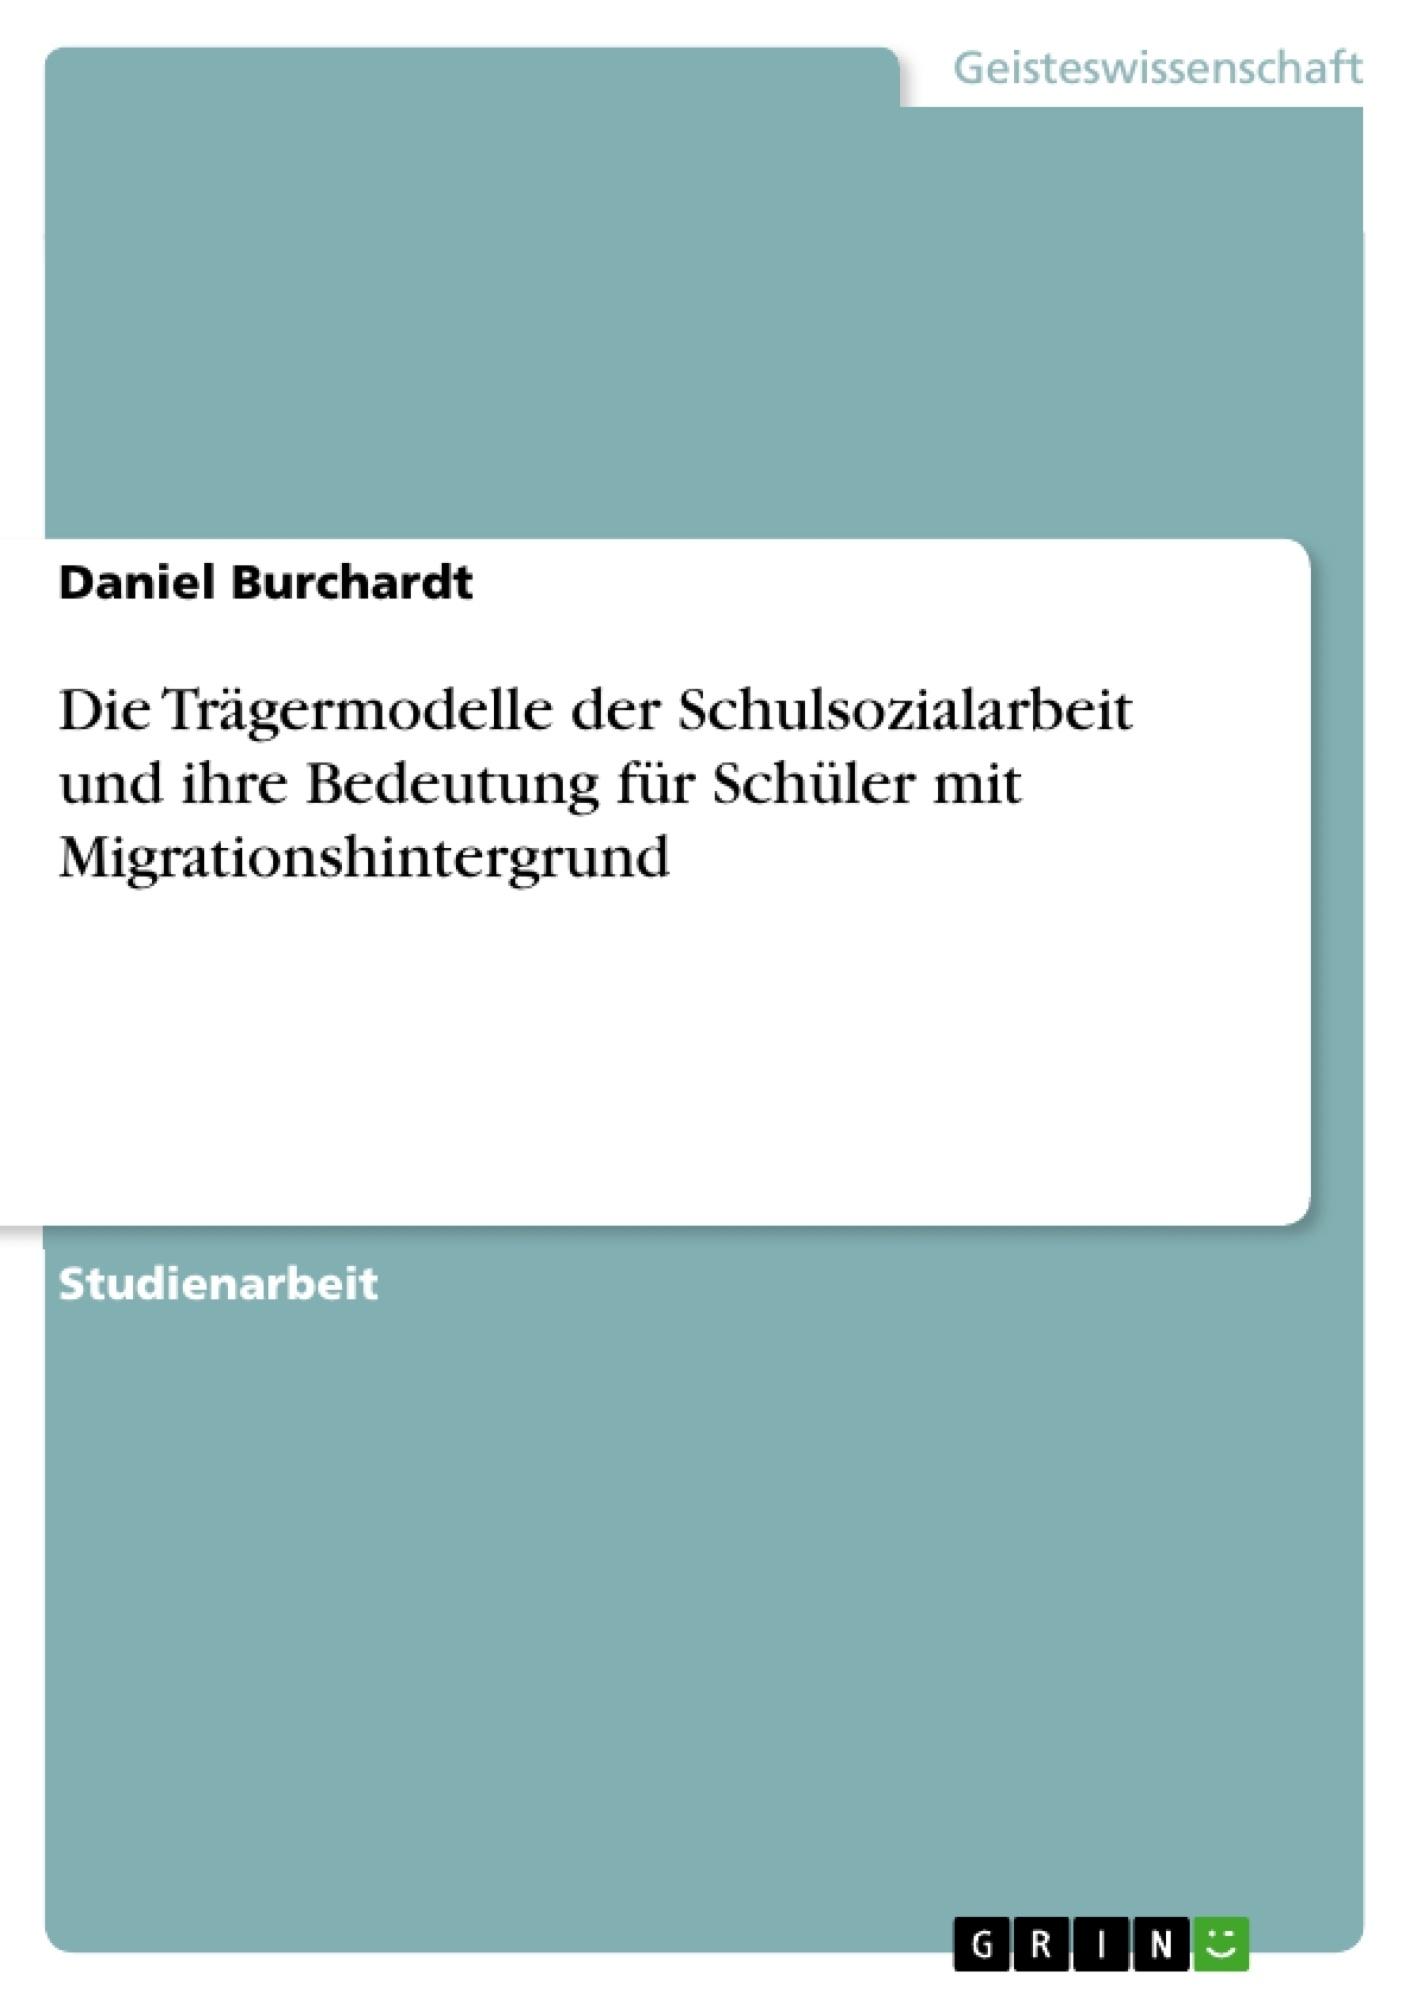 Titel: Die Trägermodelle der Schulsozialarbeit und ihre Bedeutung für Schüler mit Migrationshintergrund